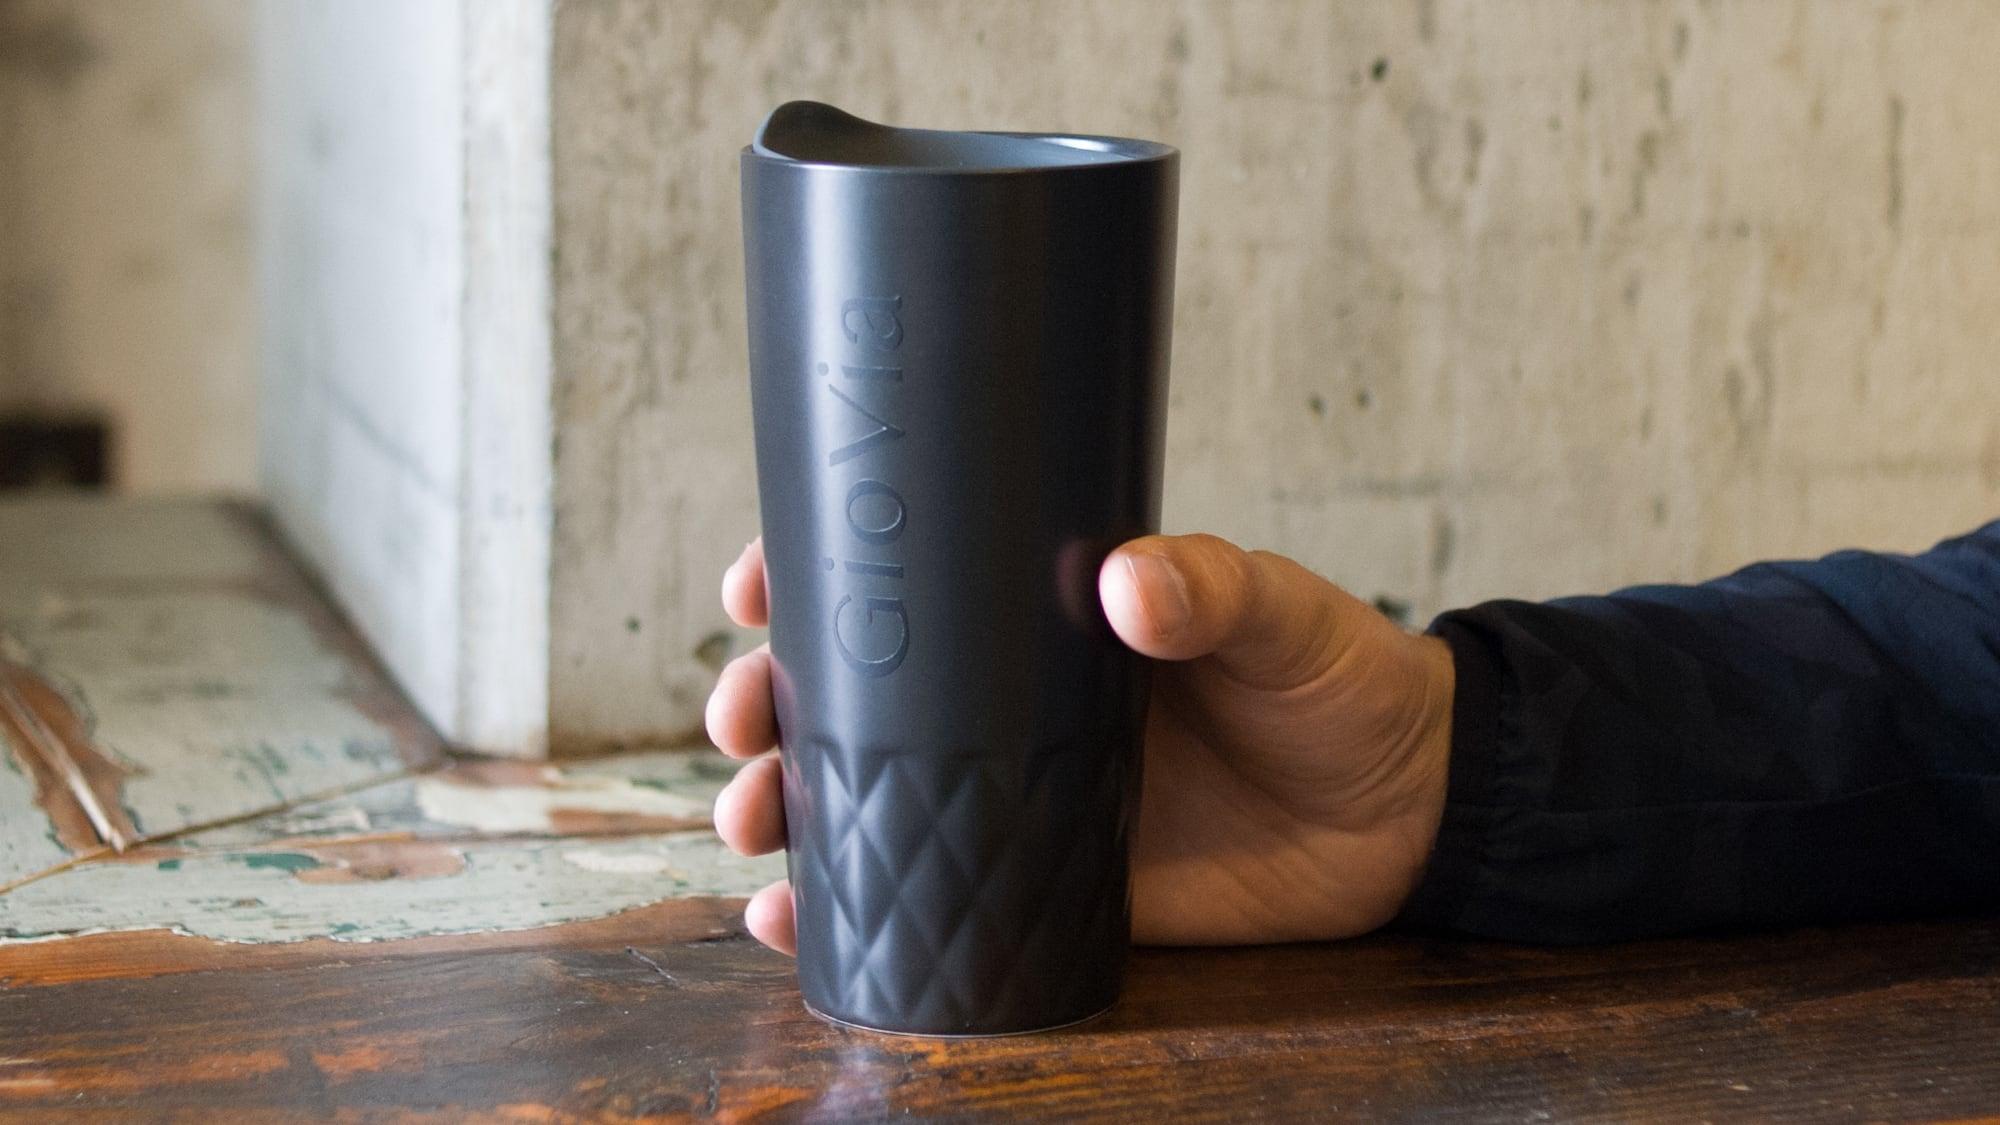 GioVia Double-Walled Porcelain Mug